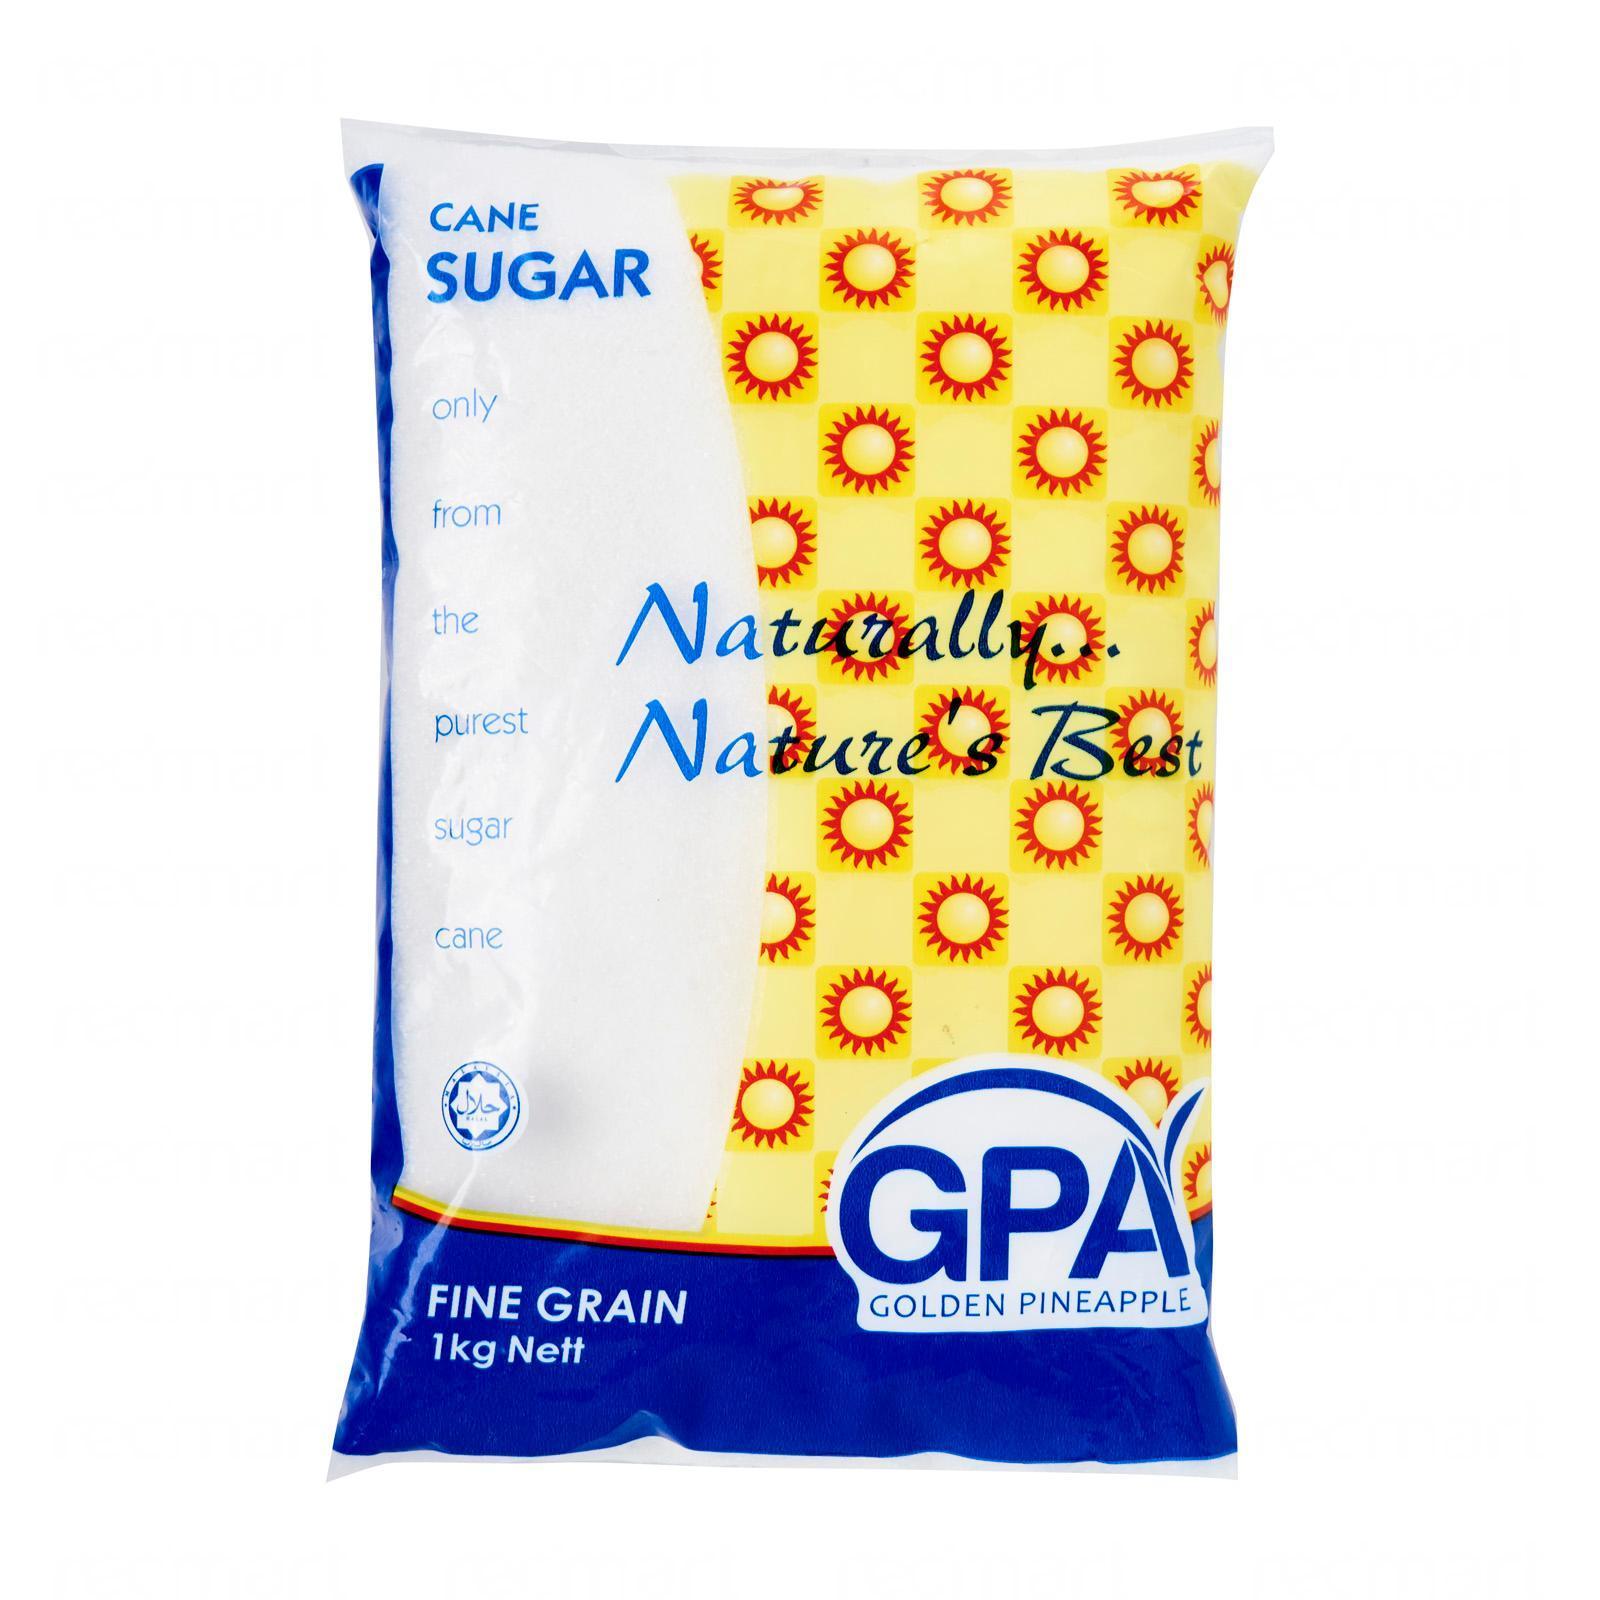 GPA Fine Grain White Sugar For Daily Consumption